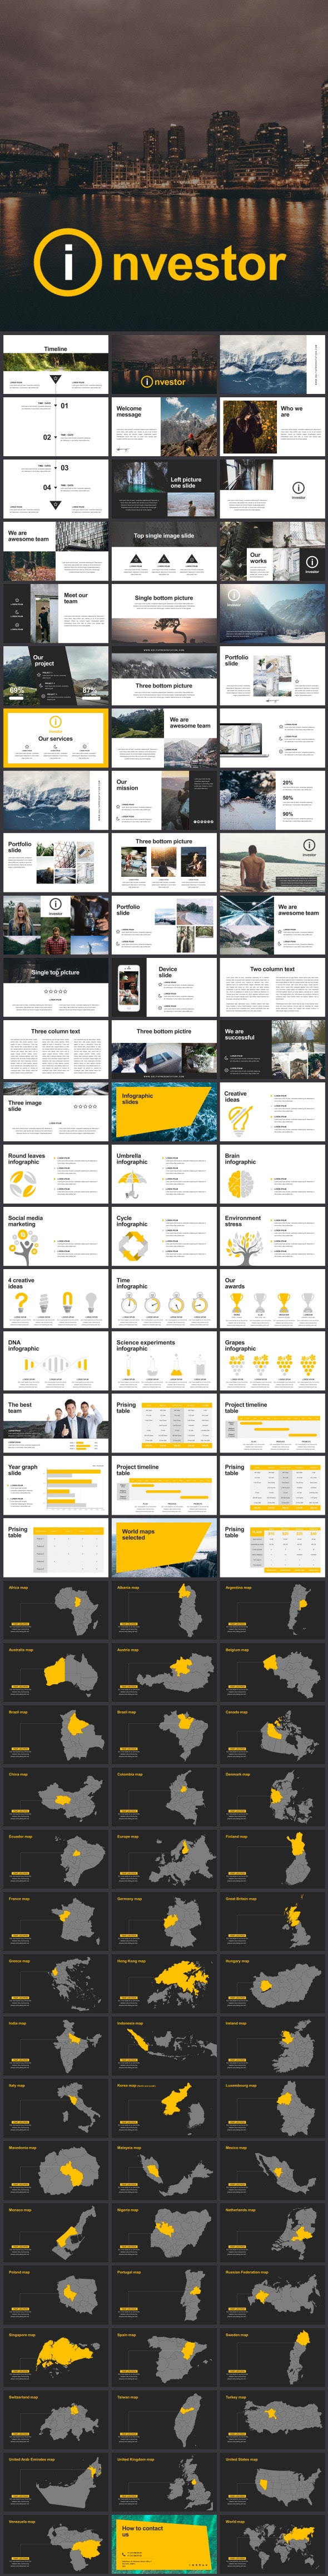 Investor Google Slides Template - Google Slides Presentation Templates